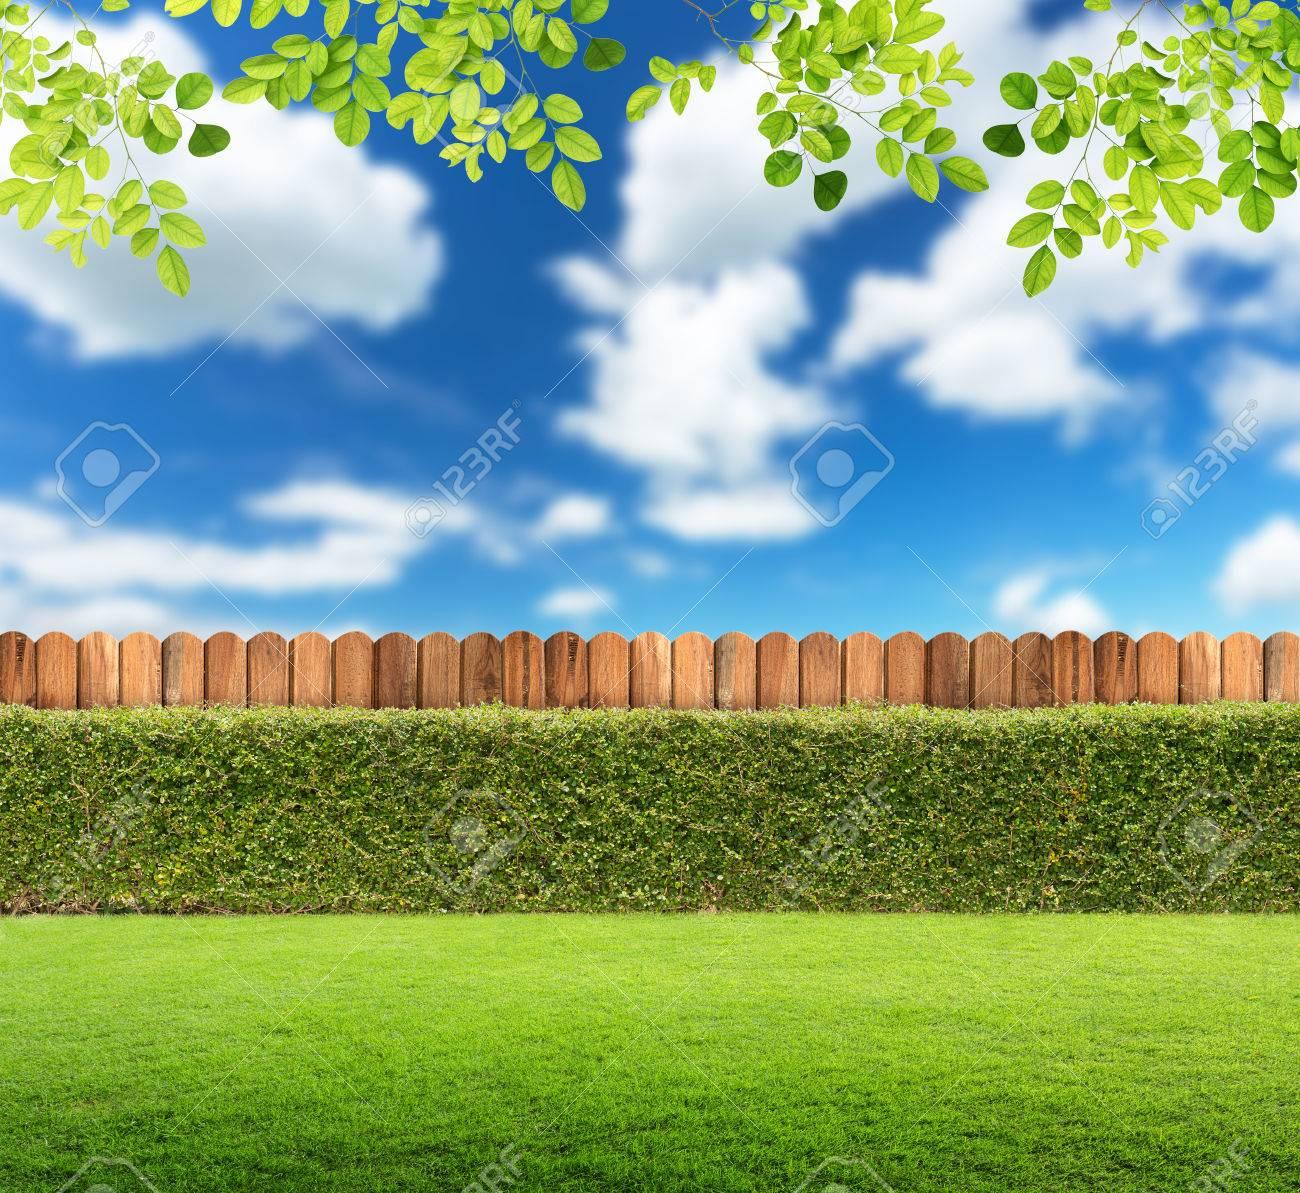 Download 770+ Background Garden HD Terbaik